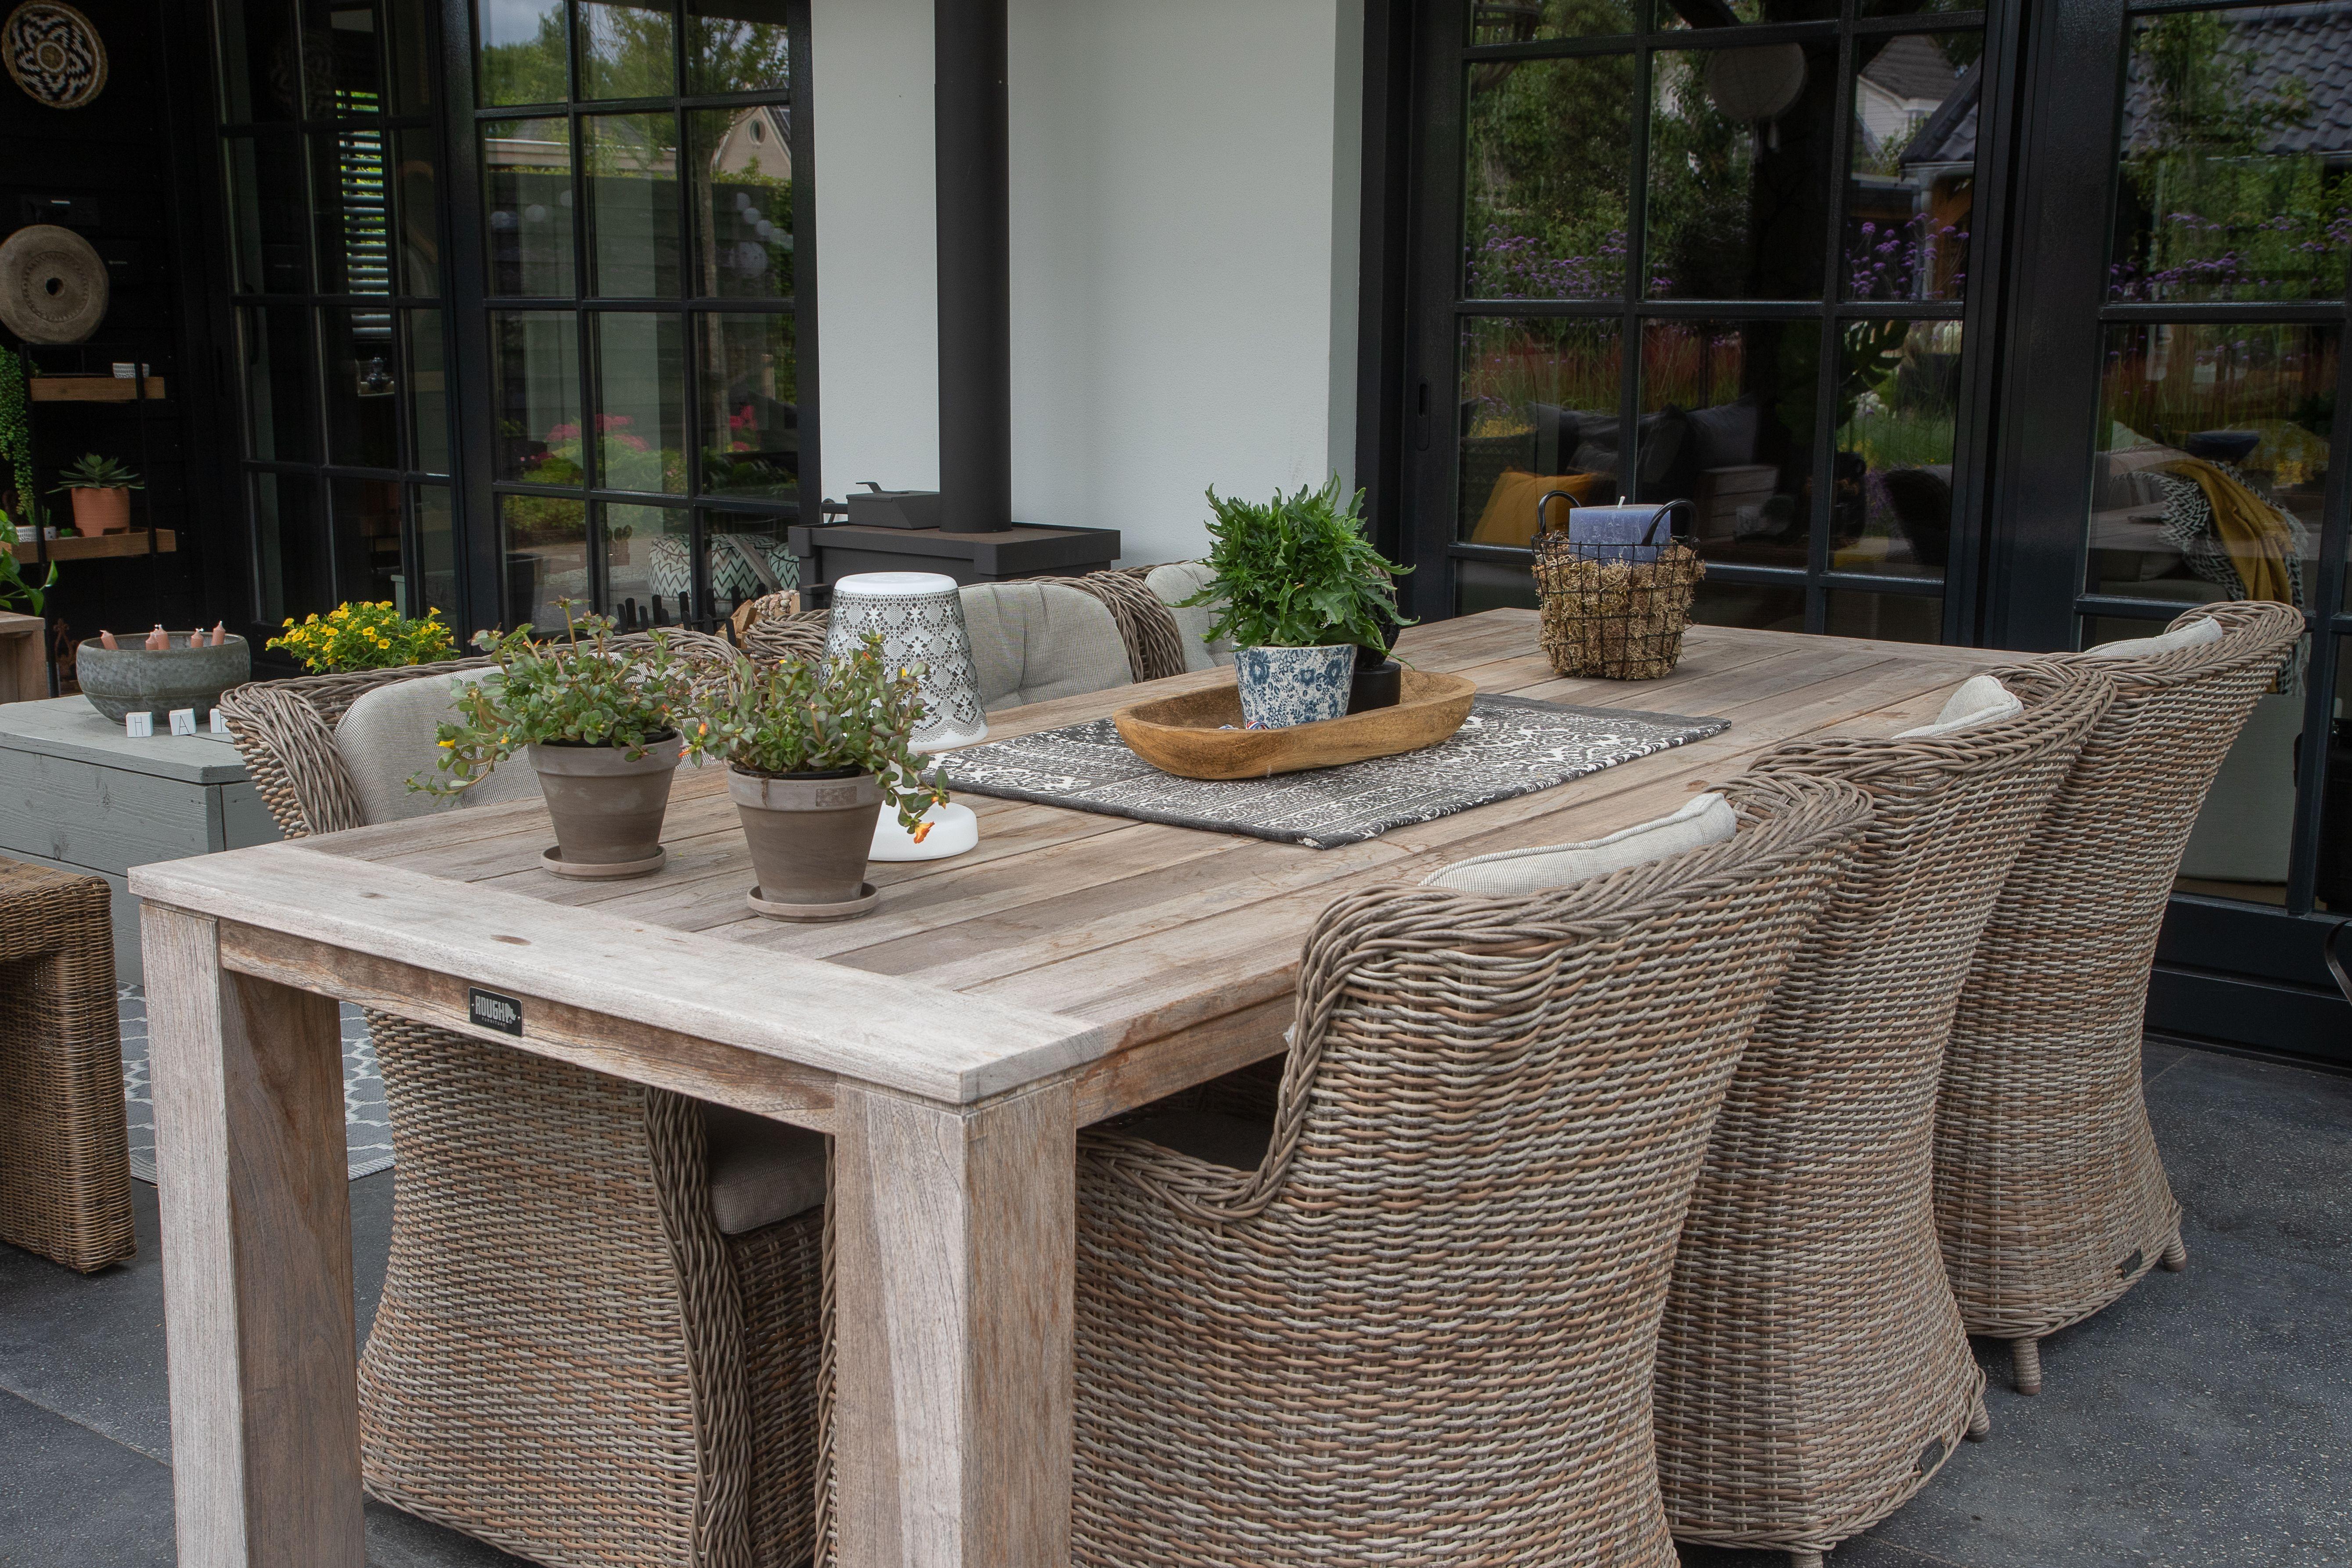 Diese Esstischgruppe Bestehend Aus Gartensesseln Aus Rattan Und Dem Robusten Holztisch Passt Perfekt In Den Rus Gartenmobel Rustikale Tische Tisch Selber Bauen